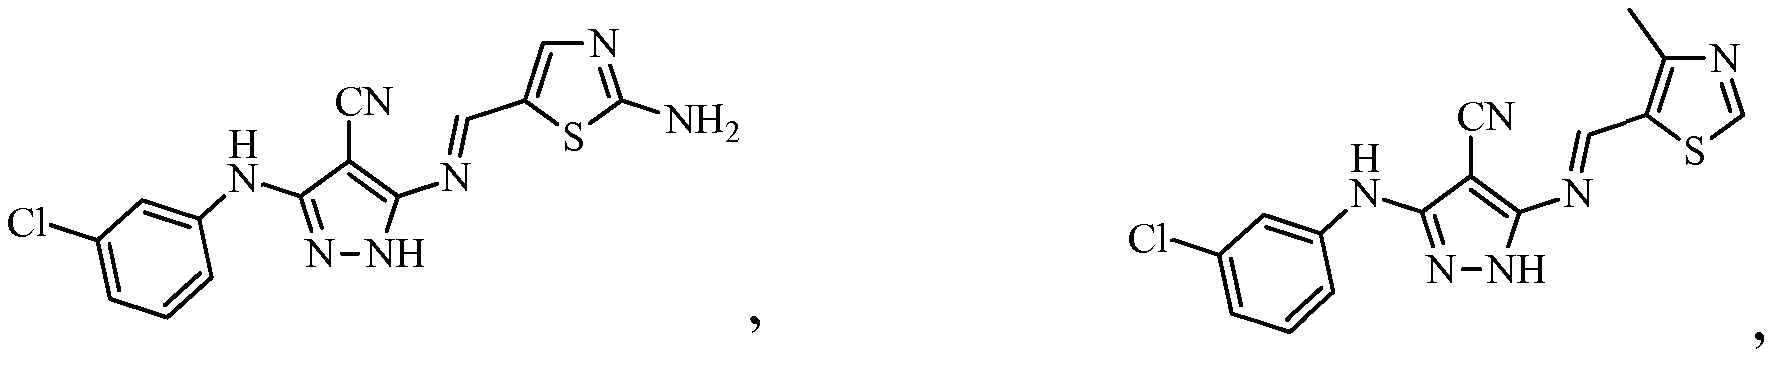 Figure imgf000069_0001